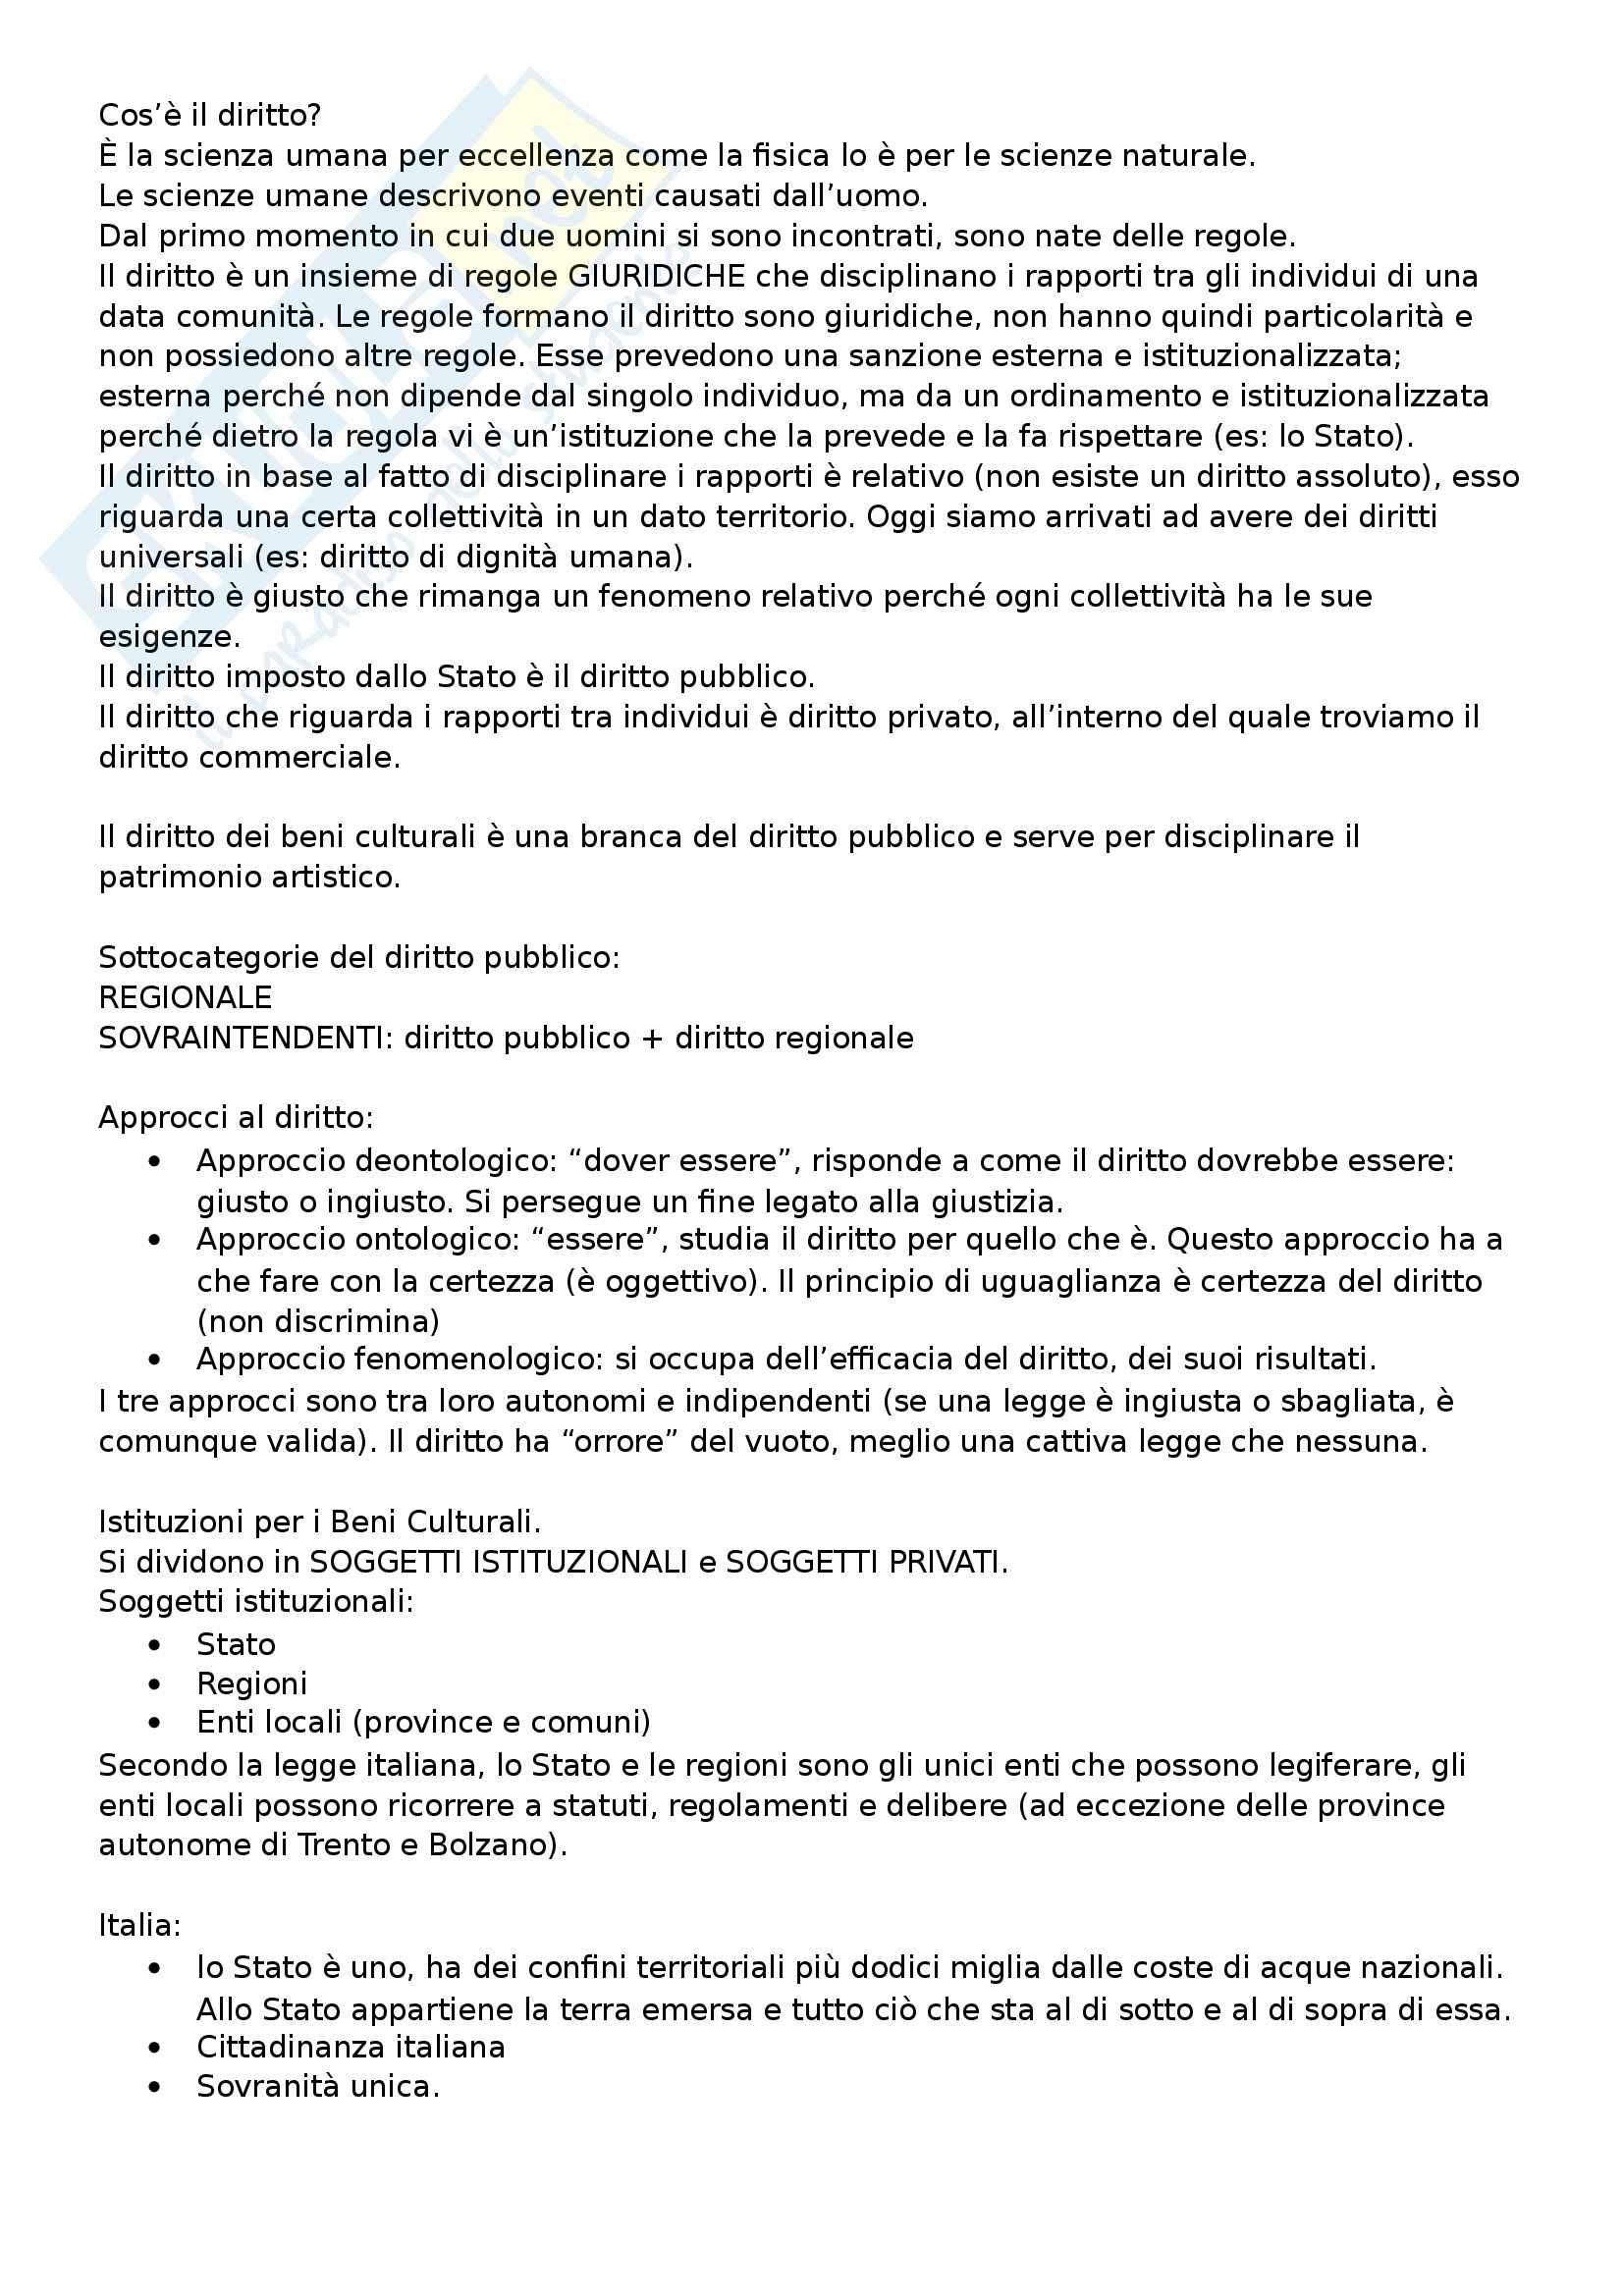 Diritto dei beni culturali - Appunti